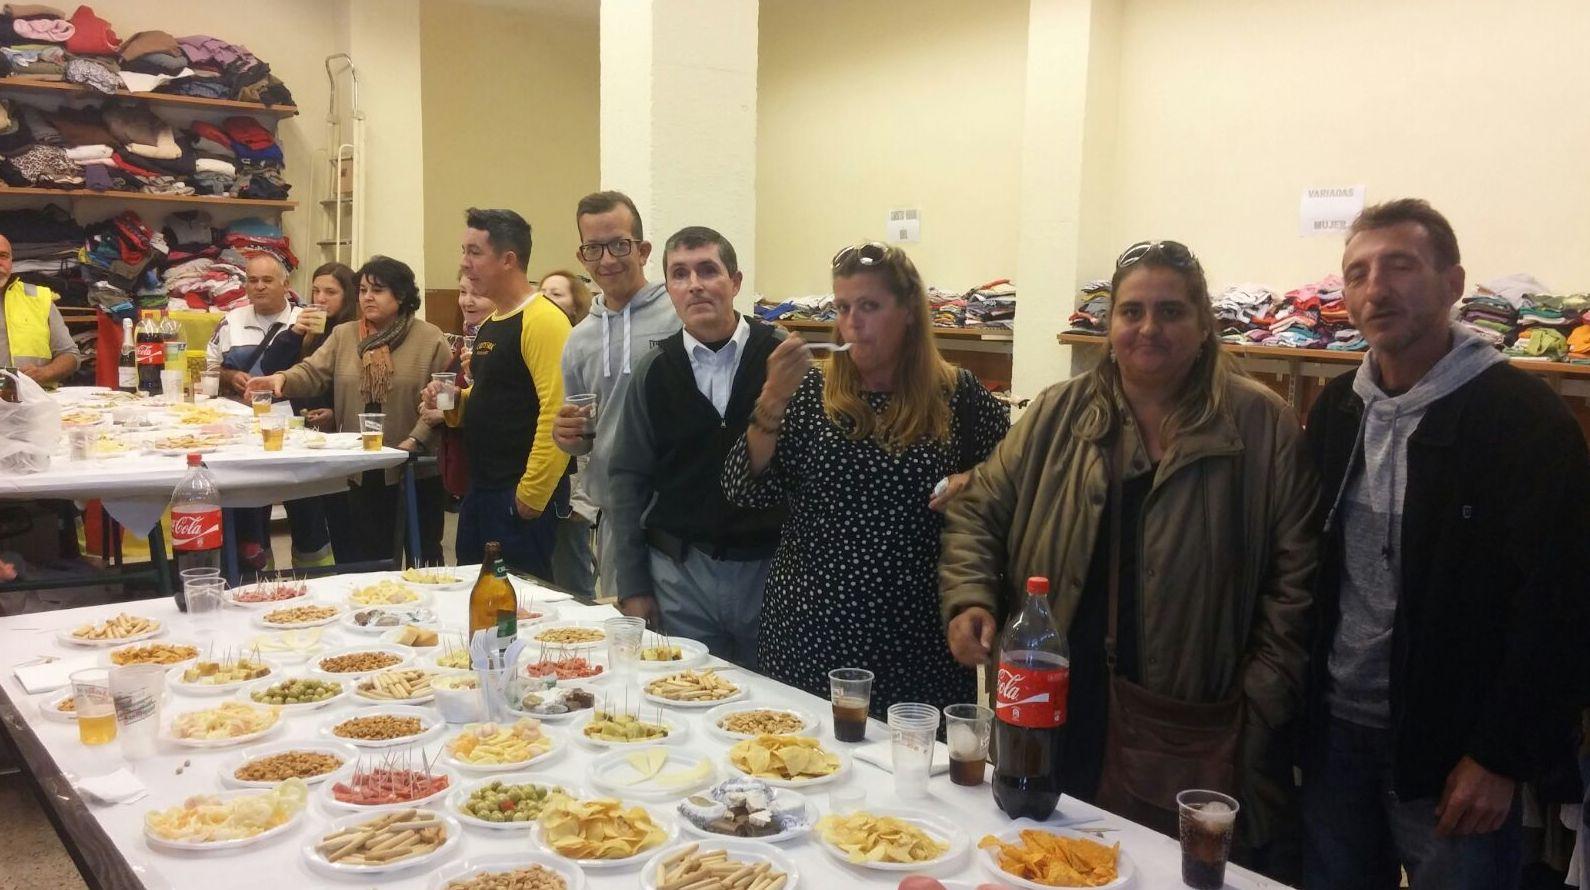 Foto 137 de Asociación de discapacitados en Málaga | Adisma